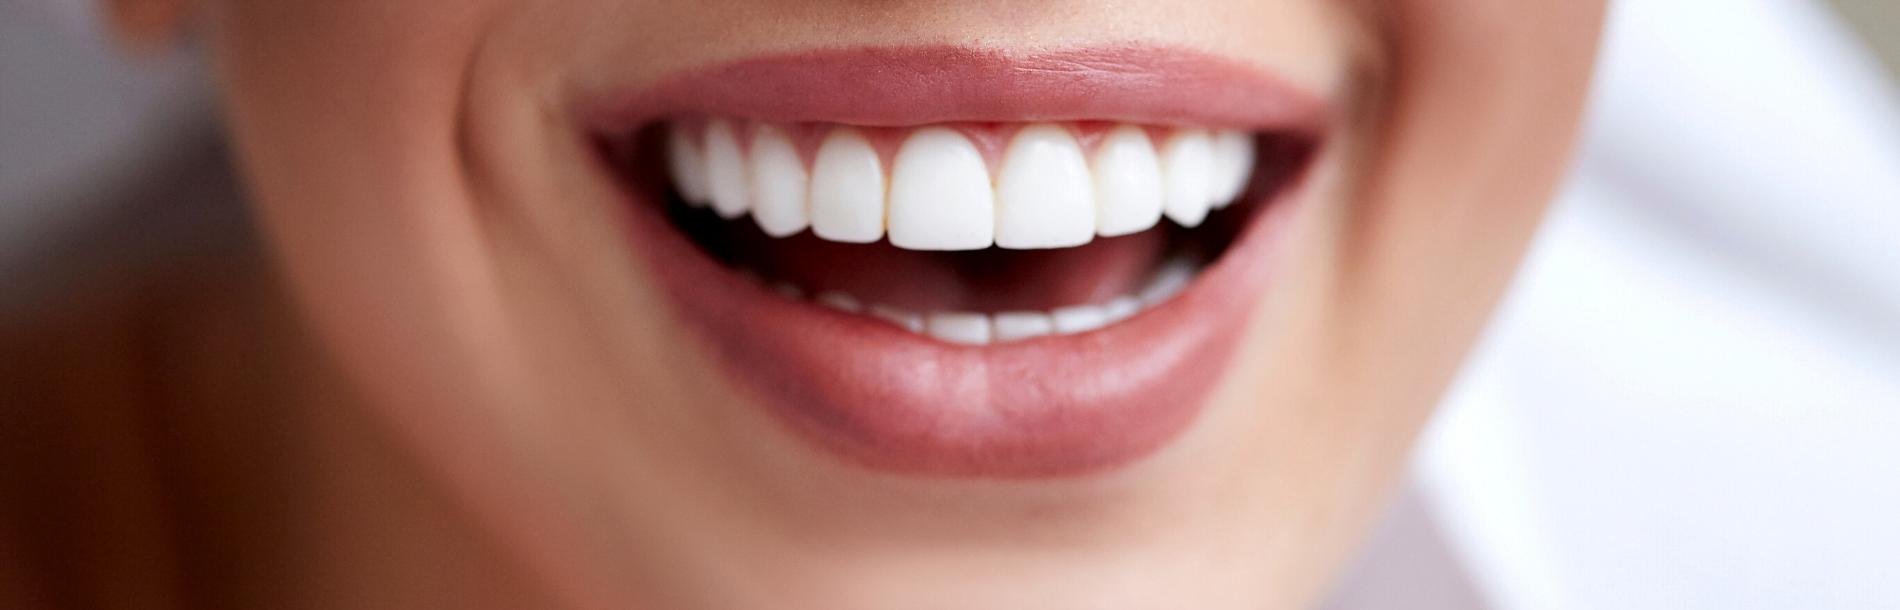 Warnervale Dental- Your Destination for Dental Implants